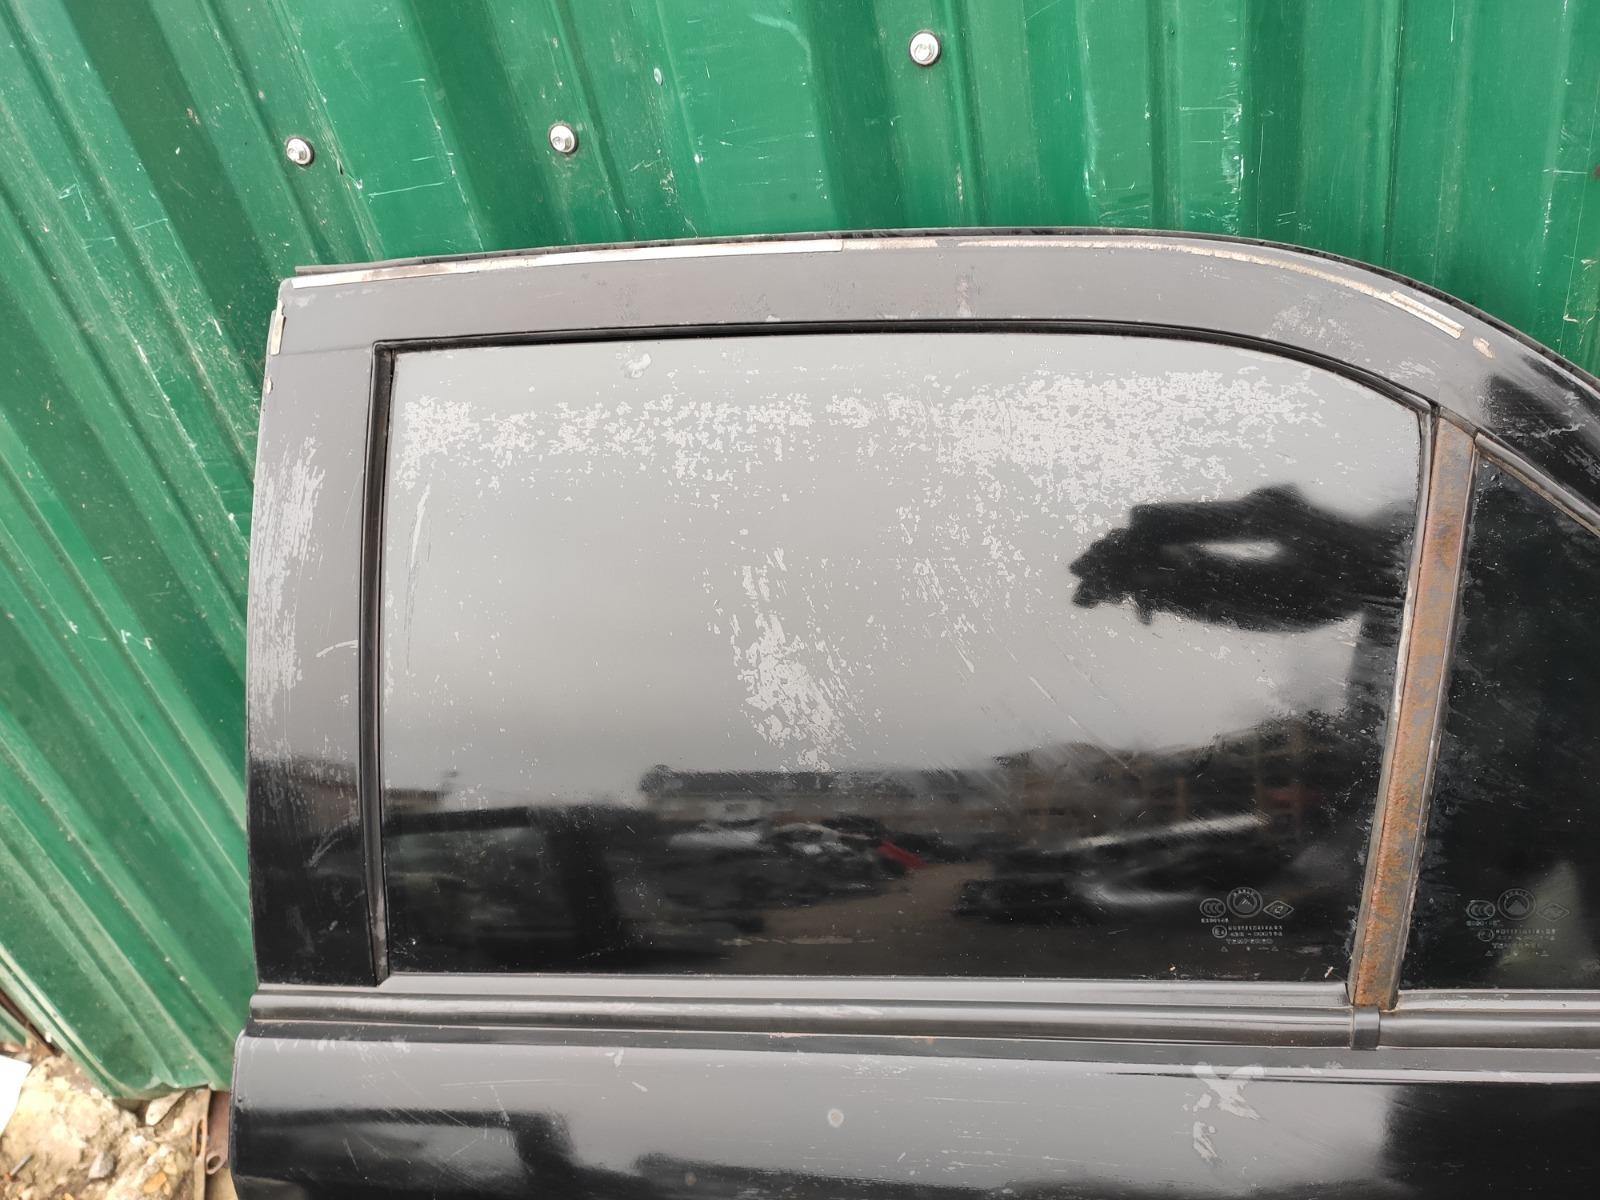 Стекло дверное Geely Mk СЕДАН 1.5 2006 заднее левое (б/у)